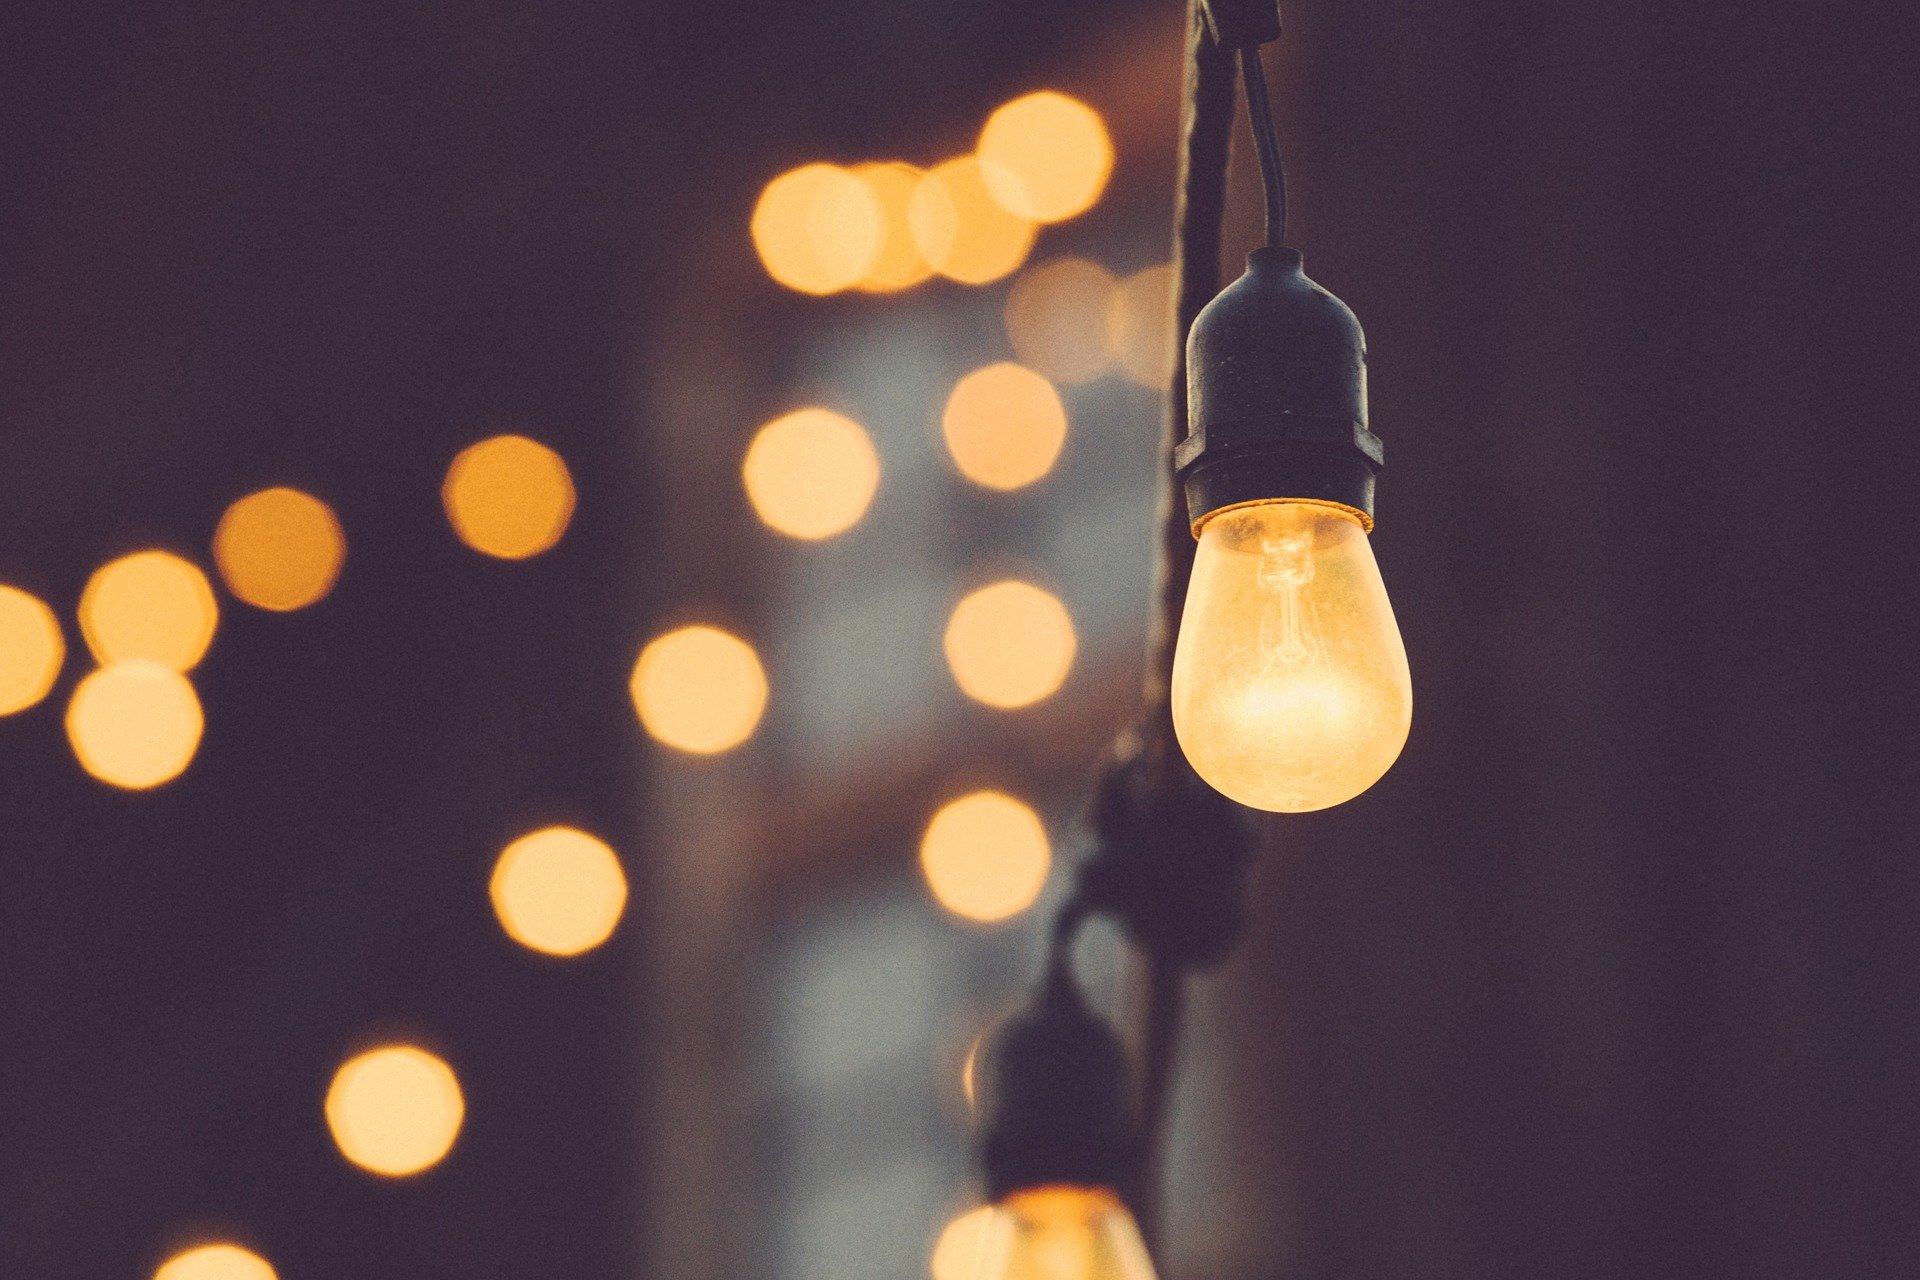 12443 light bulb 1209491 1920